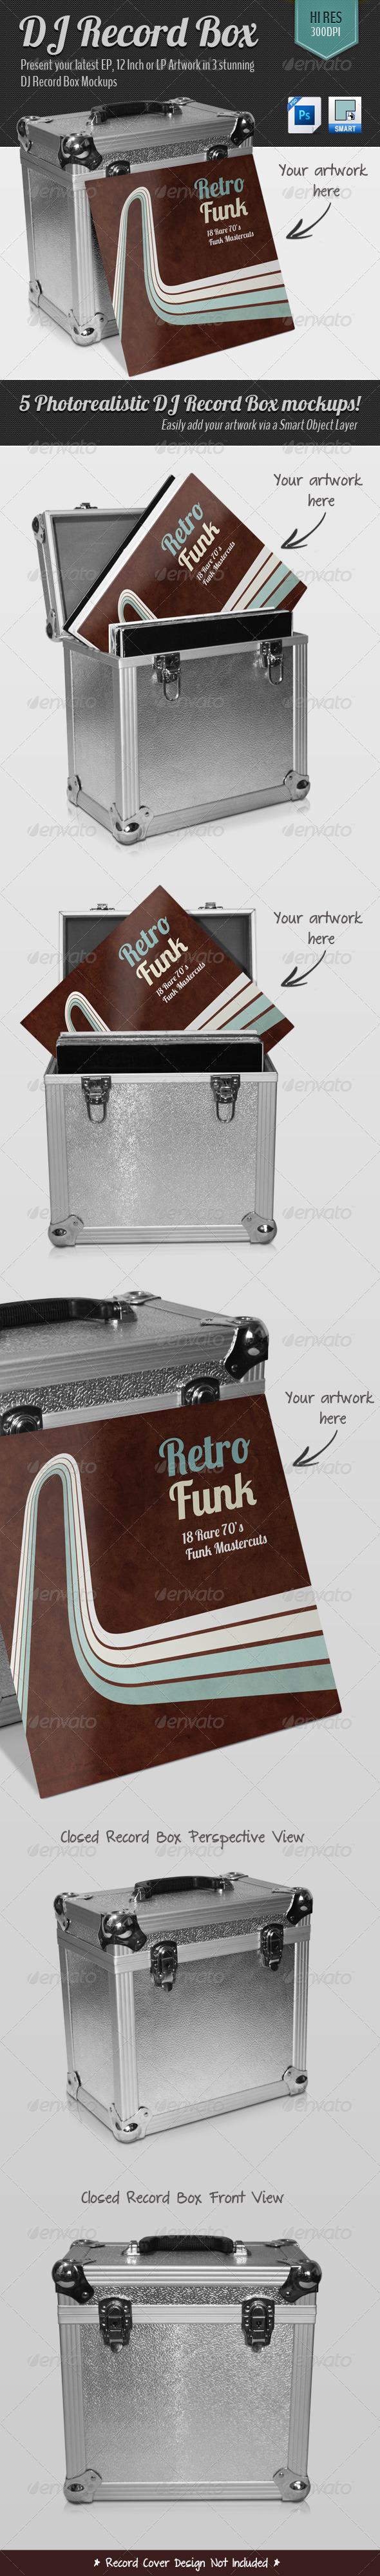 Graphics Dj Record Box Graphicriver Record Boxes Dj Record Vinyl Records Covers